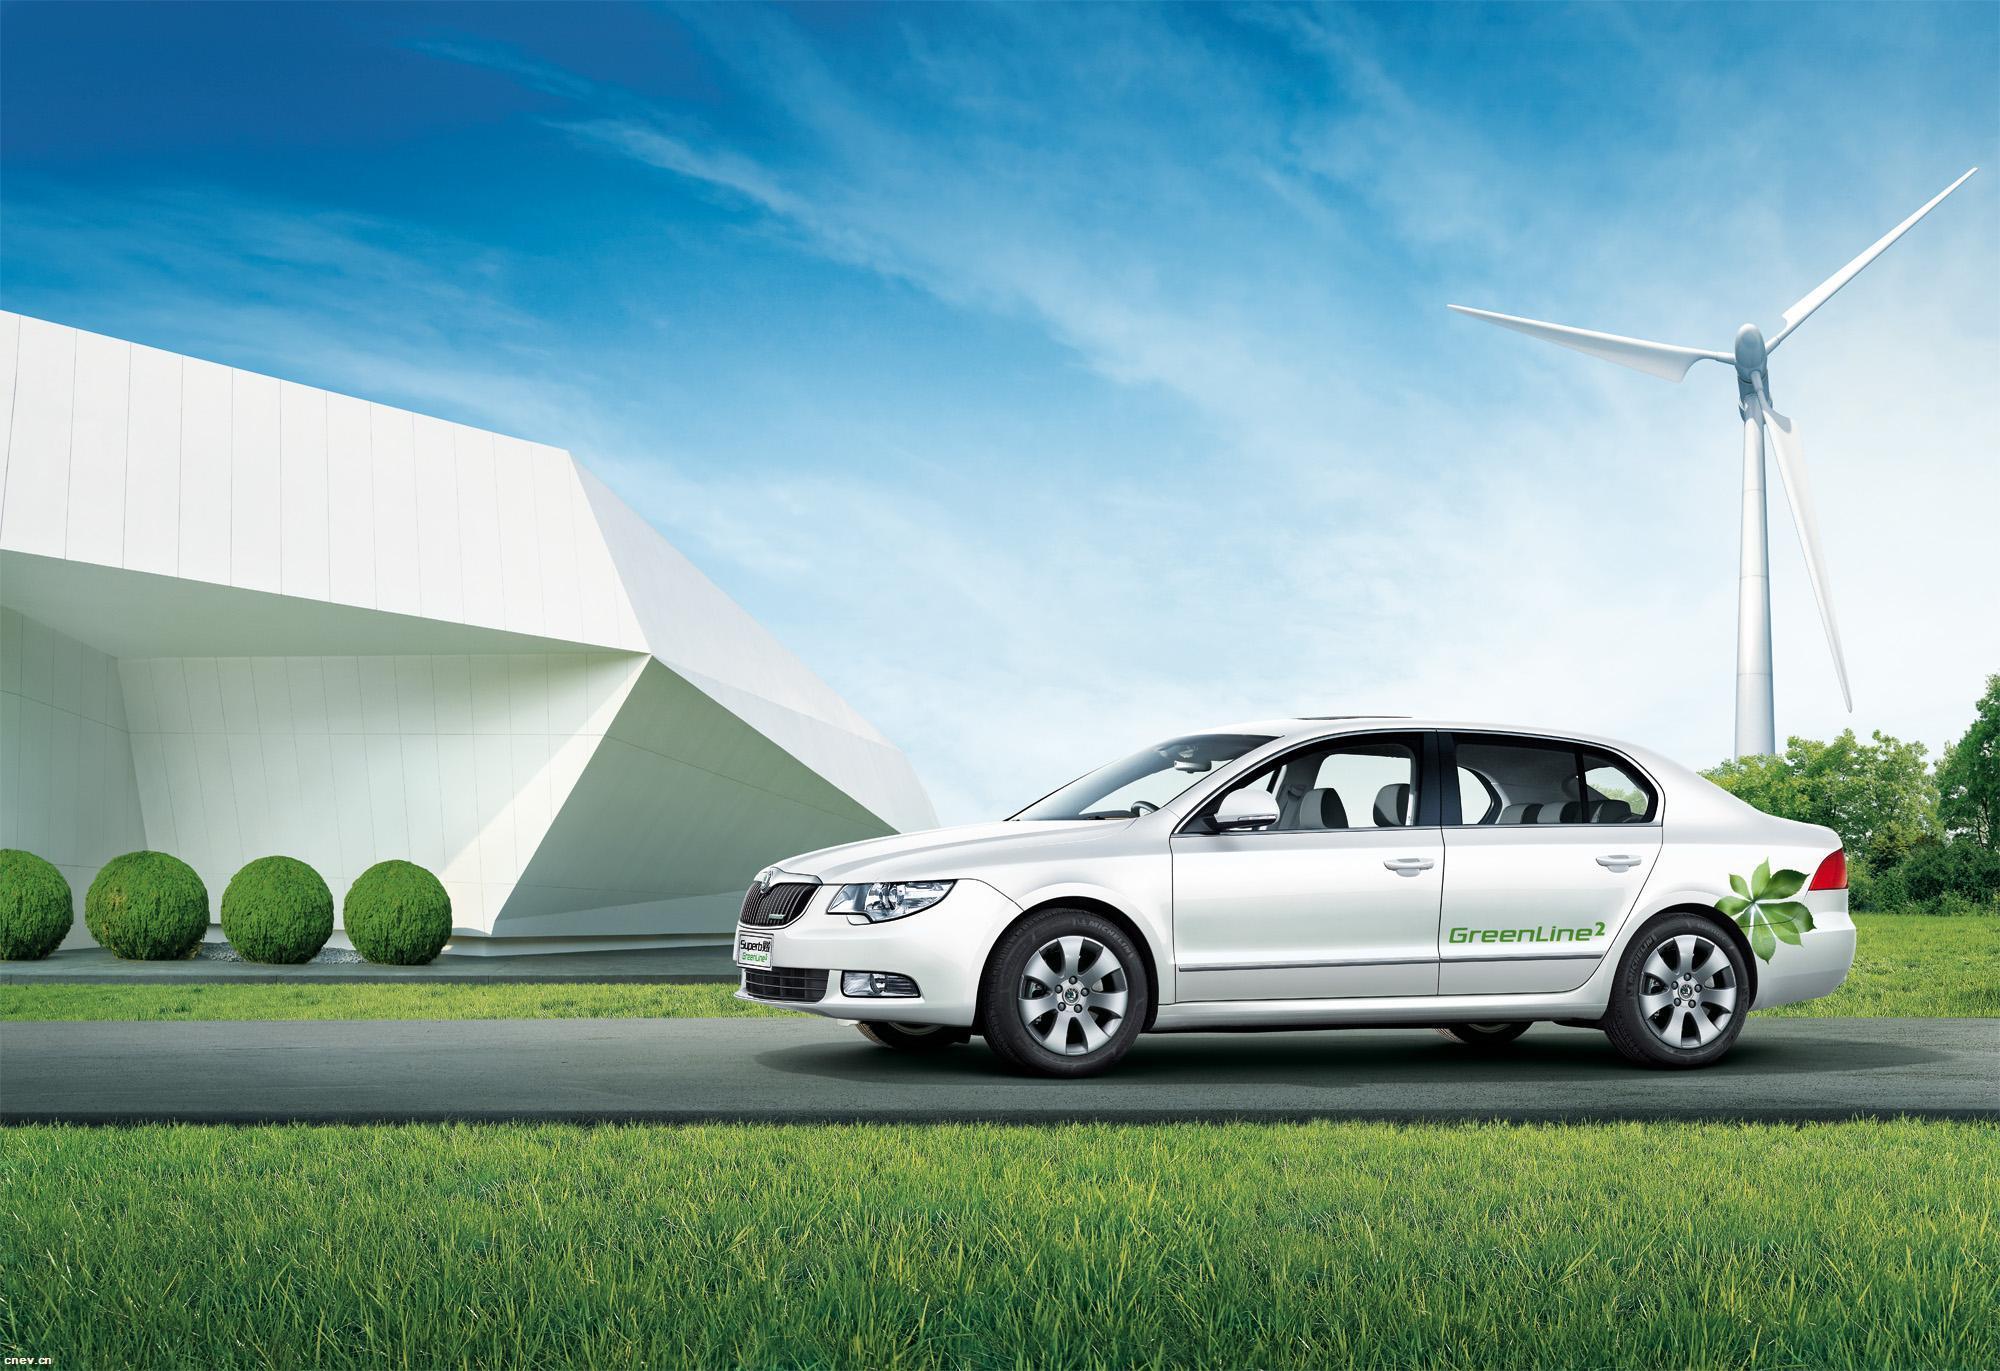 工信部发布第八批节能汽车车型目录  566款车型将享受车船税减免优惠